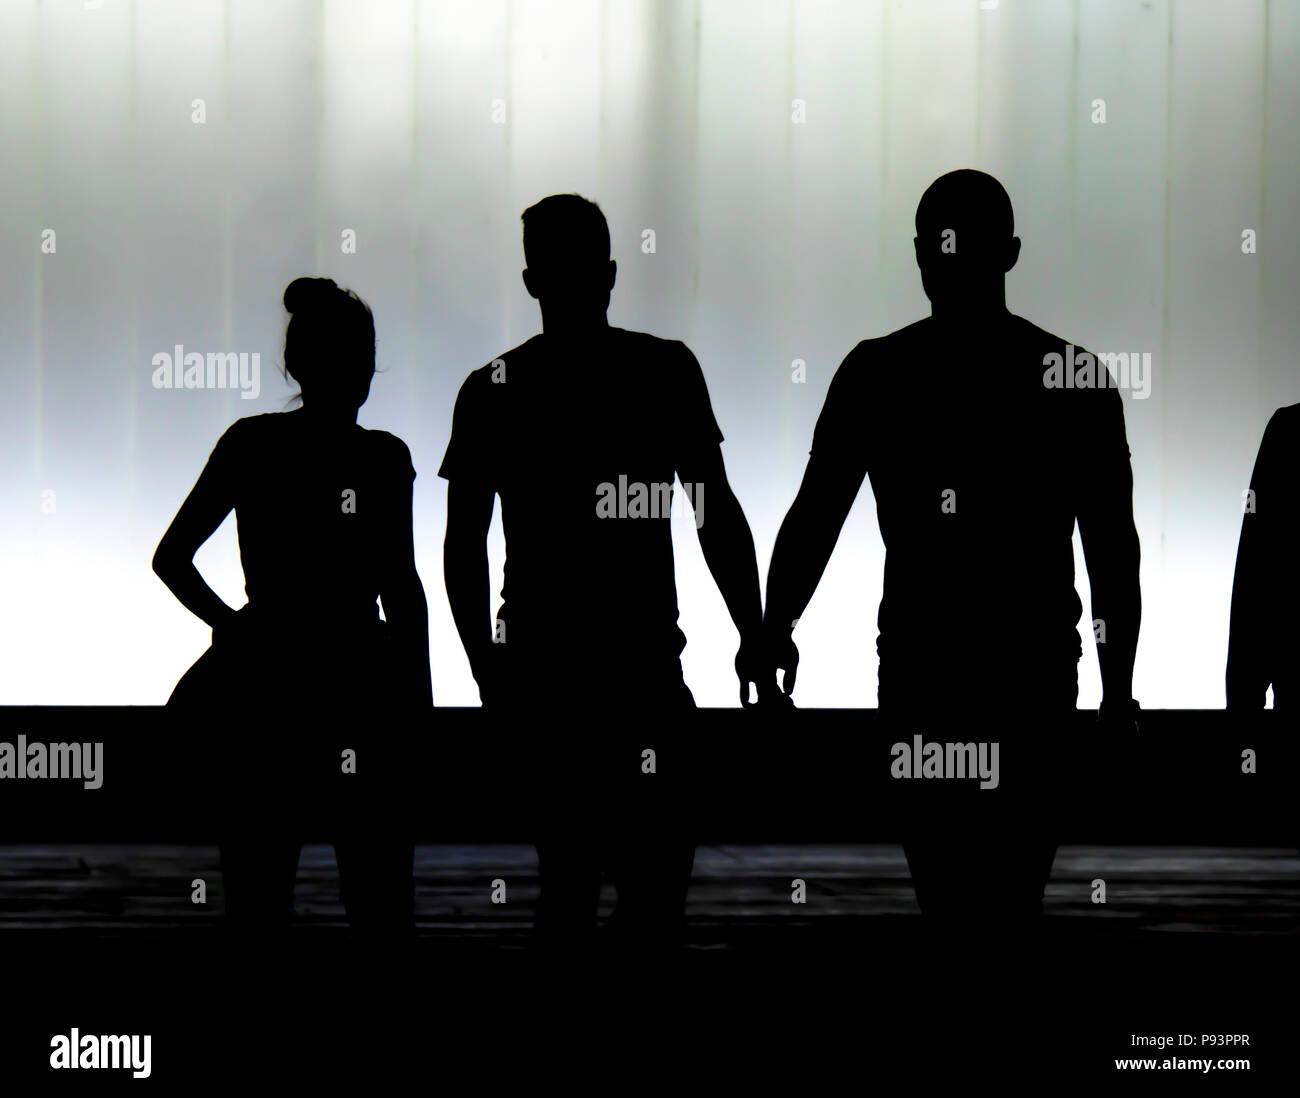 Am besten bewertete indische Dating-Seiten